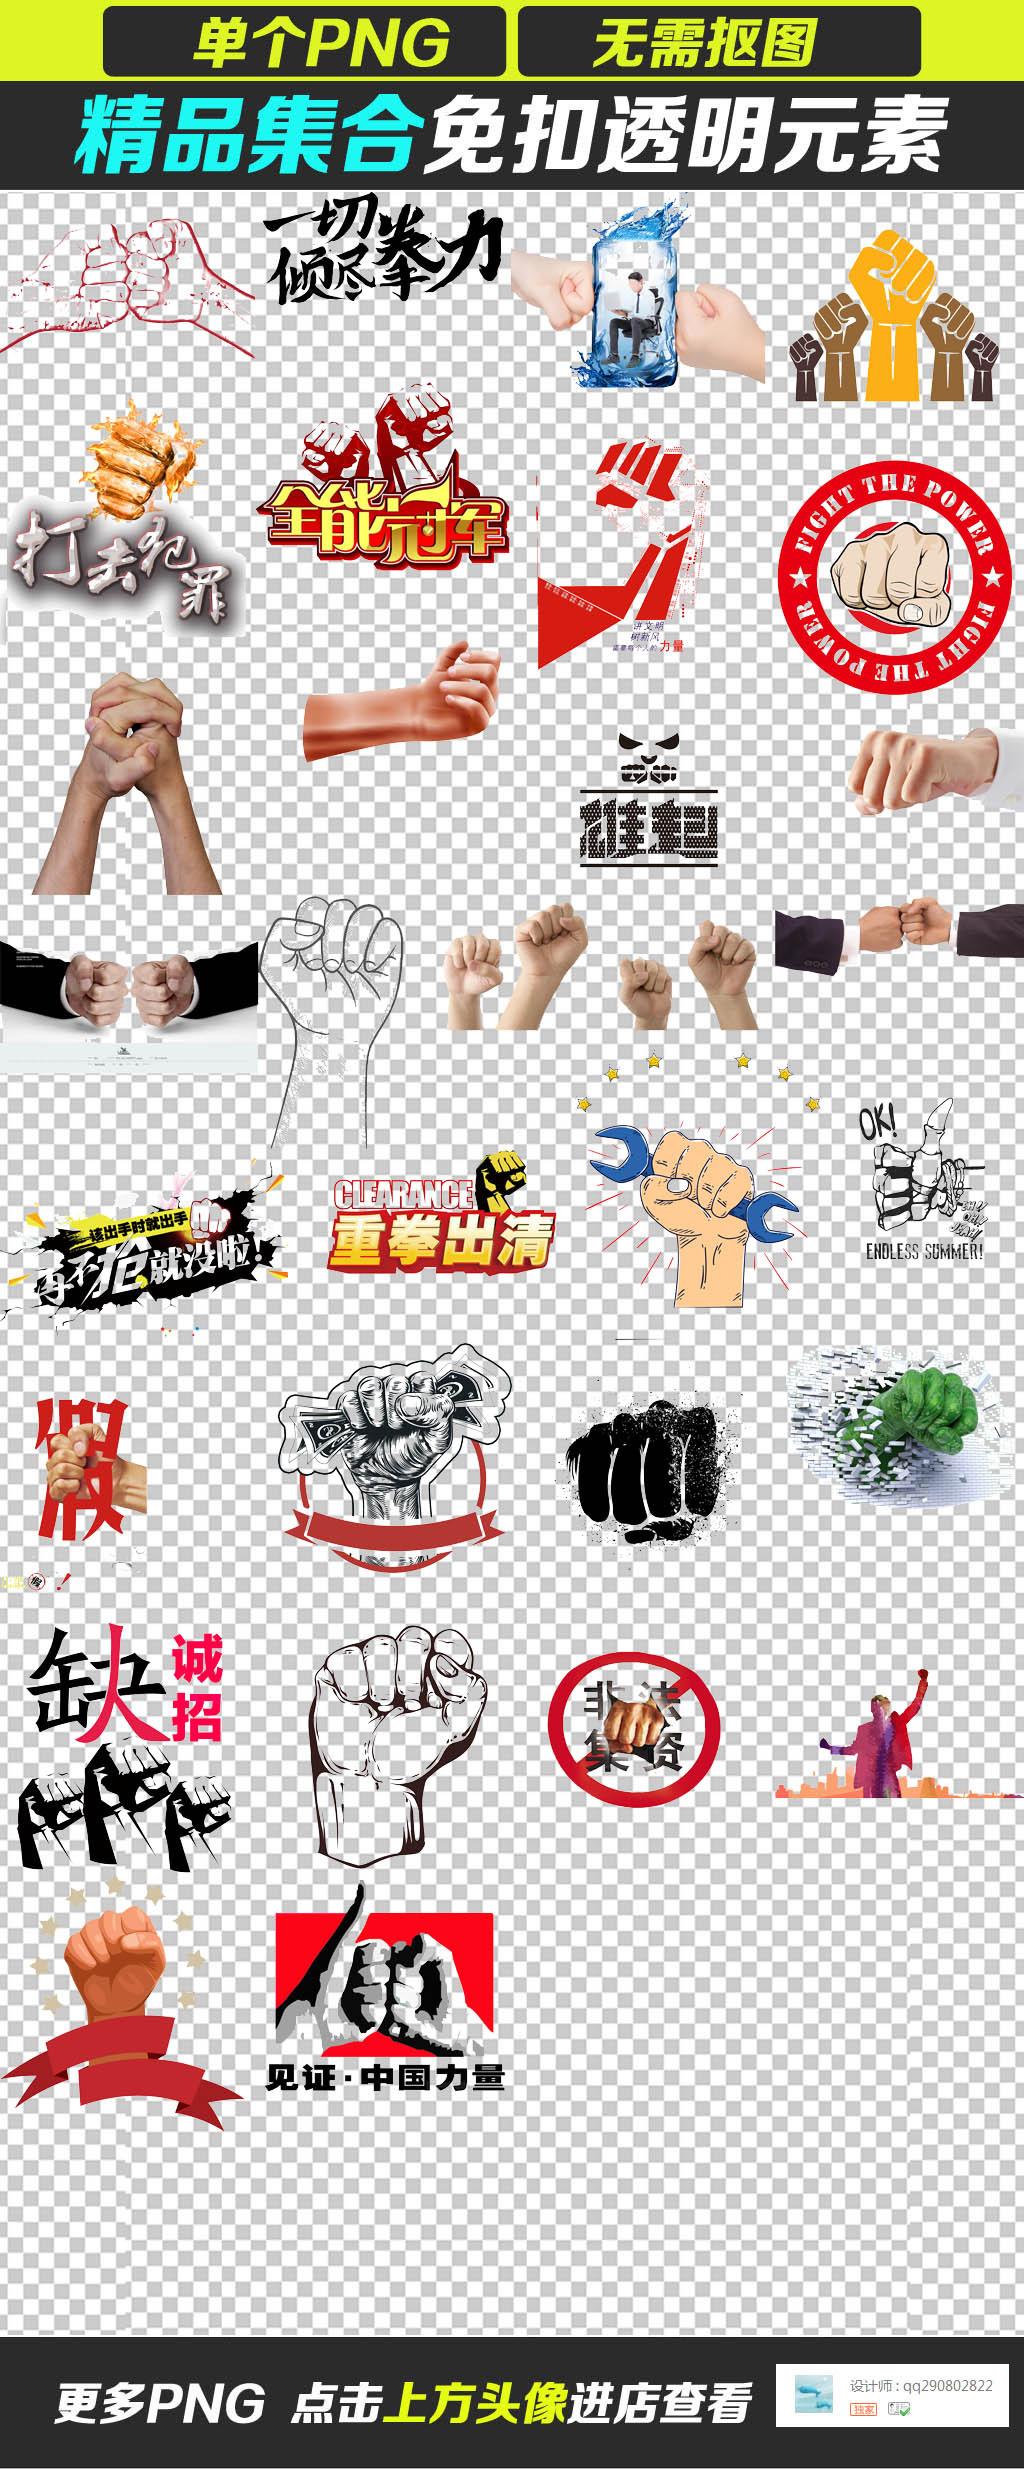 校园励志拼搏企业文化海报透明元素